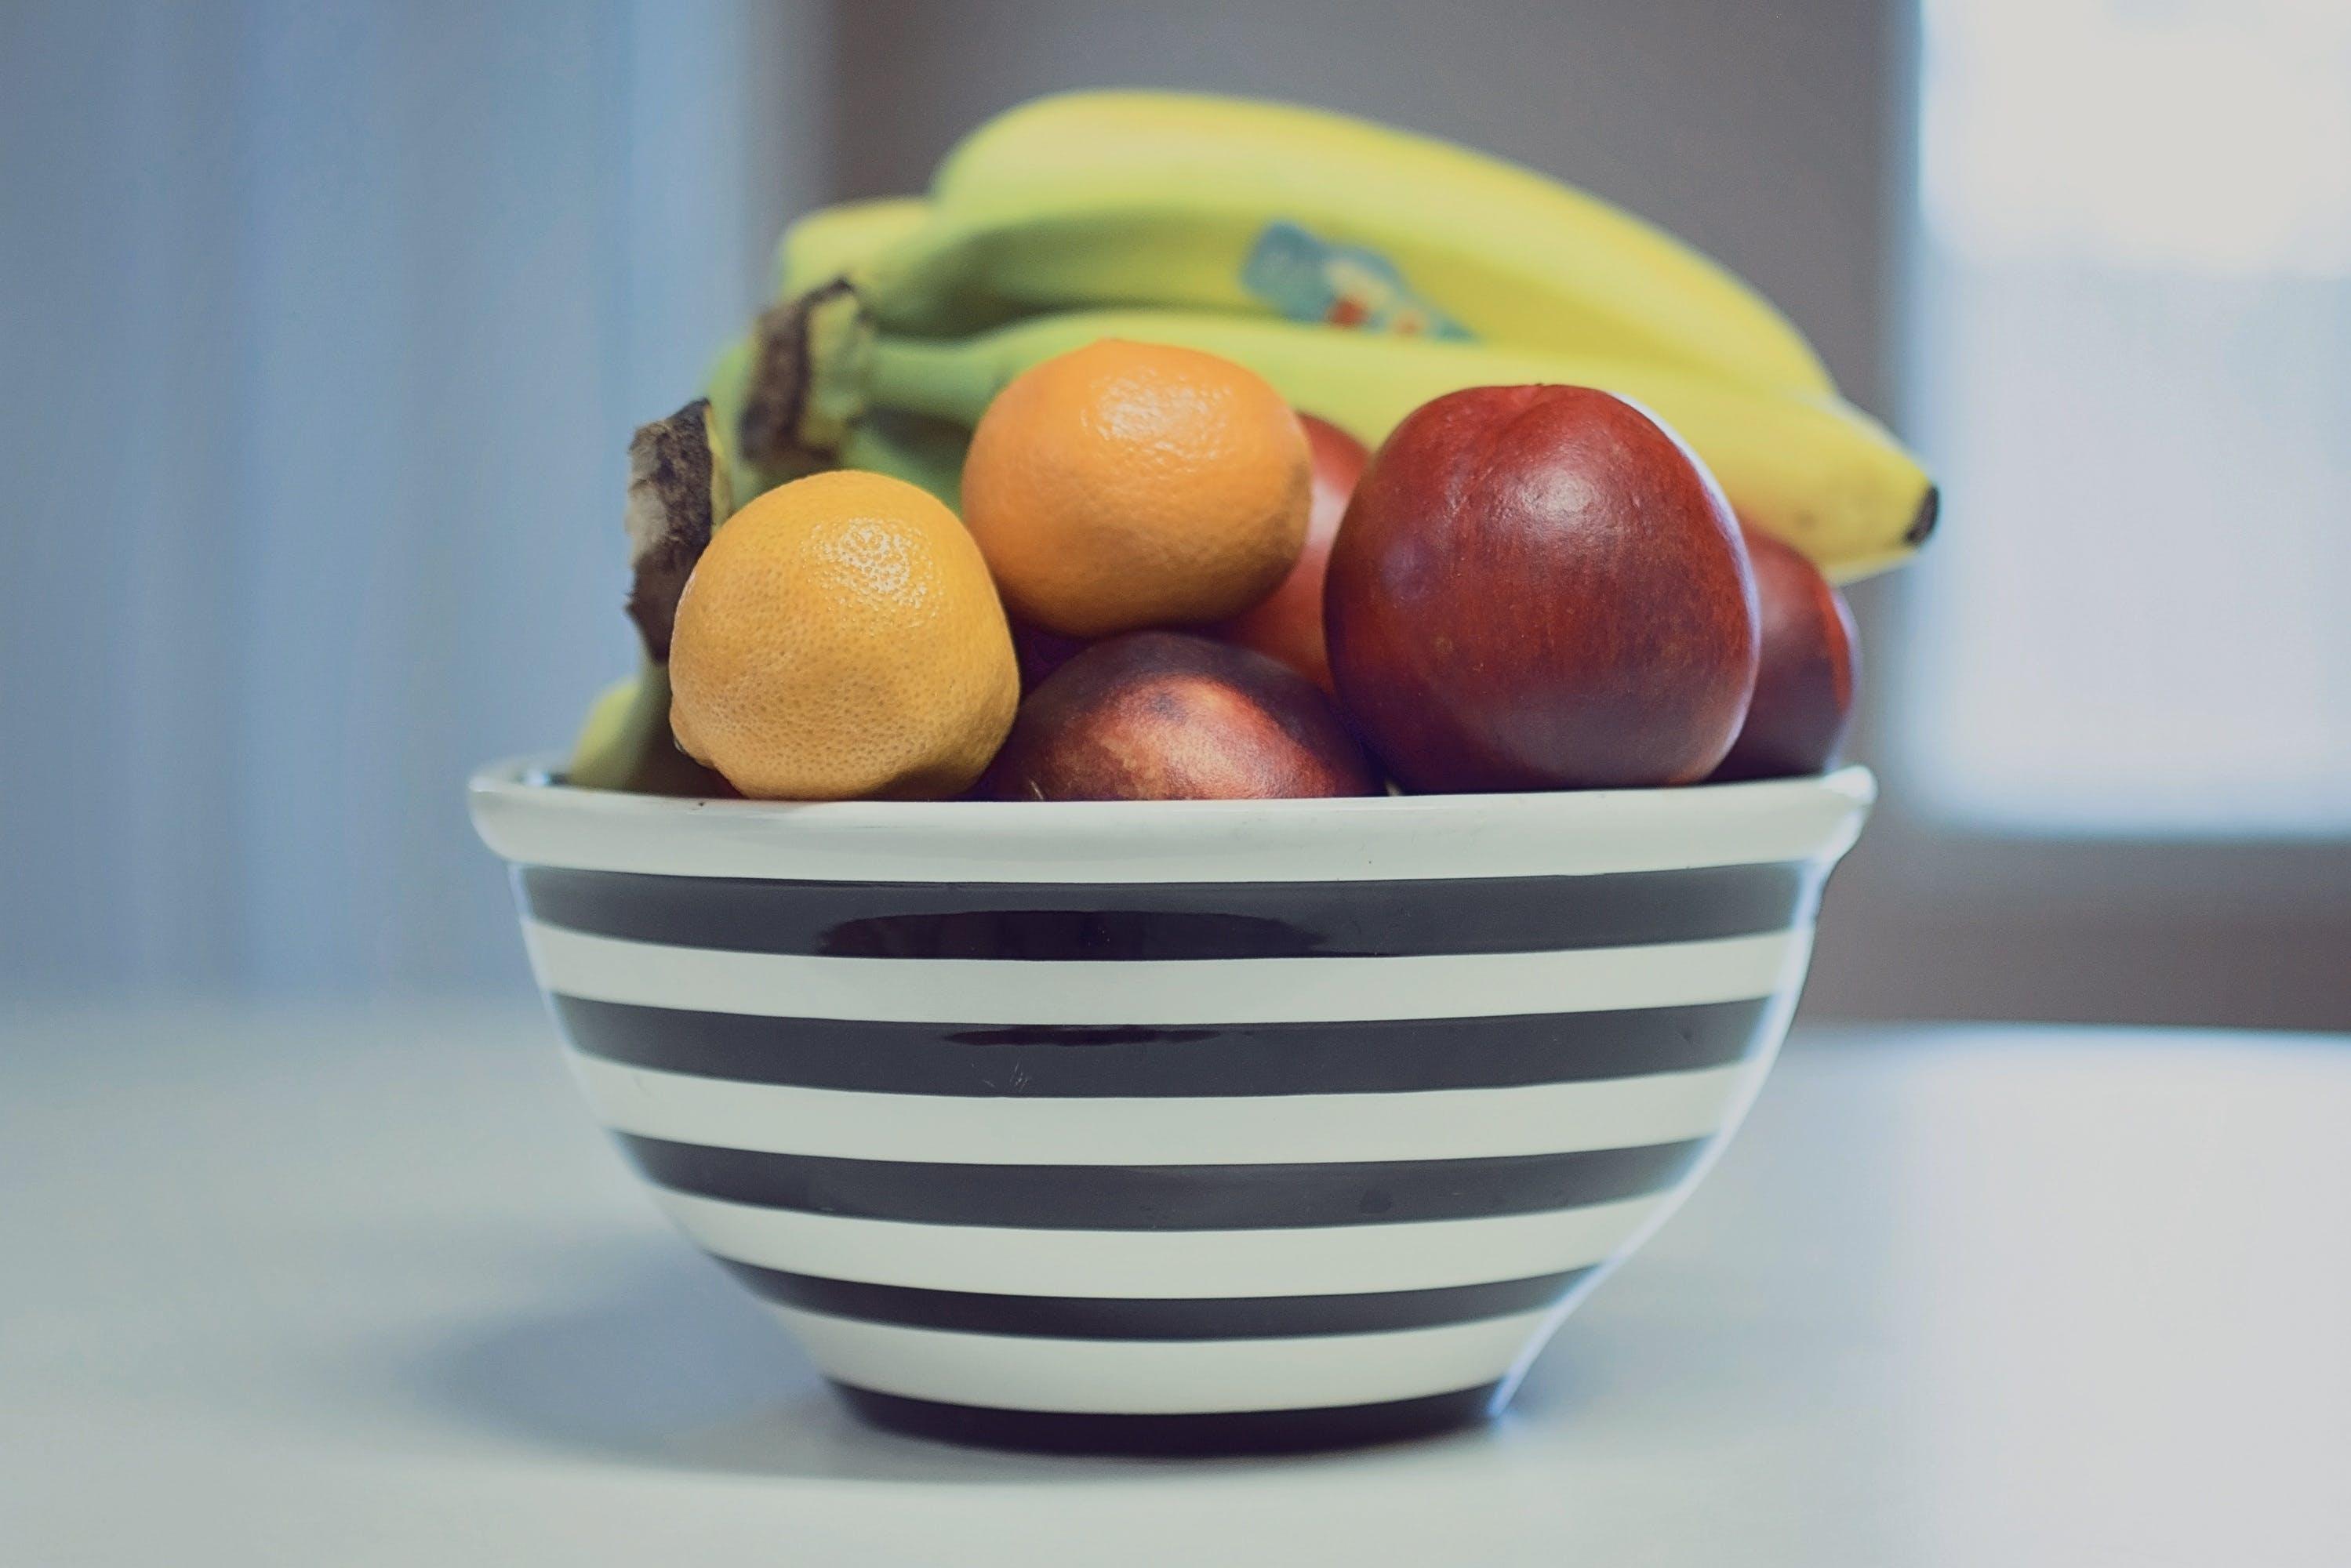 おいしい, お菓子, りんご, オレンジの無料の写真素材